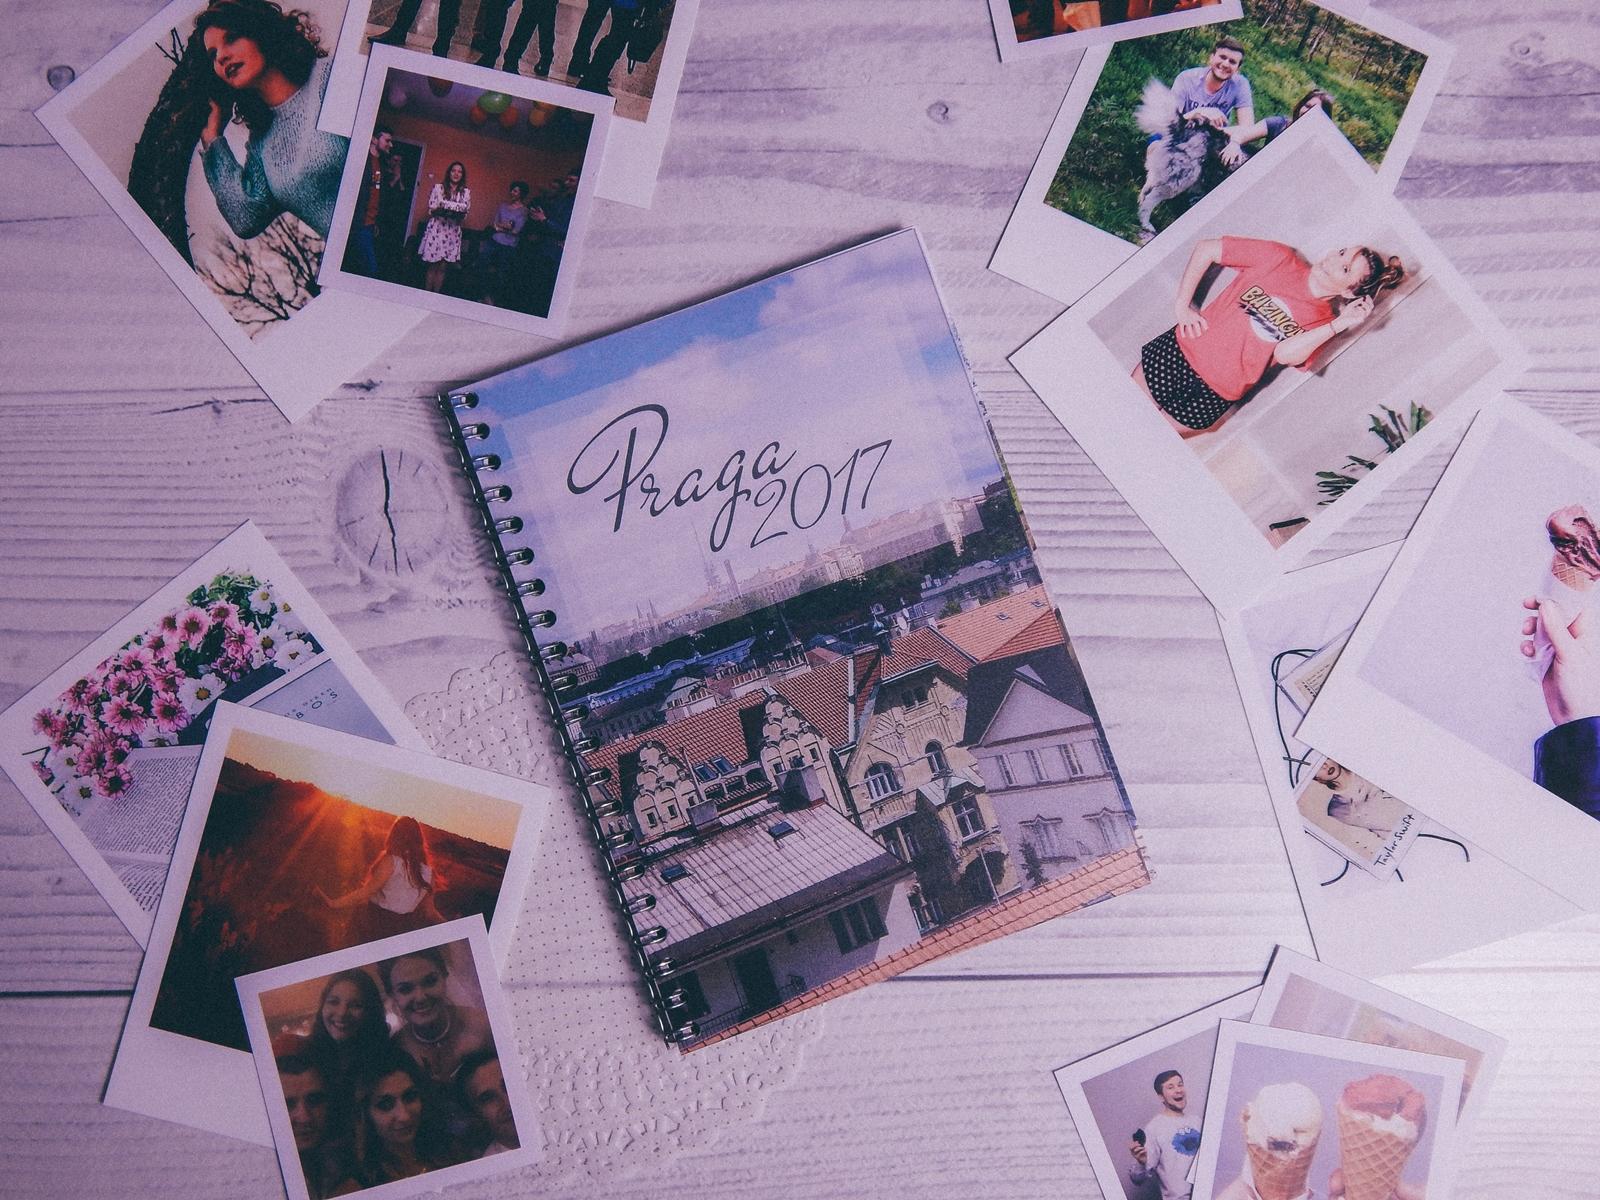 1 fotozeszyt saal digital zeszyt na zdjęcia a5 na sprężynie fotoksiązka photobook recenzja test fotozeszytu tanie wywoływanie zdjęć online melodylaniella polaroidy